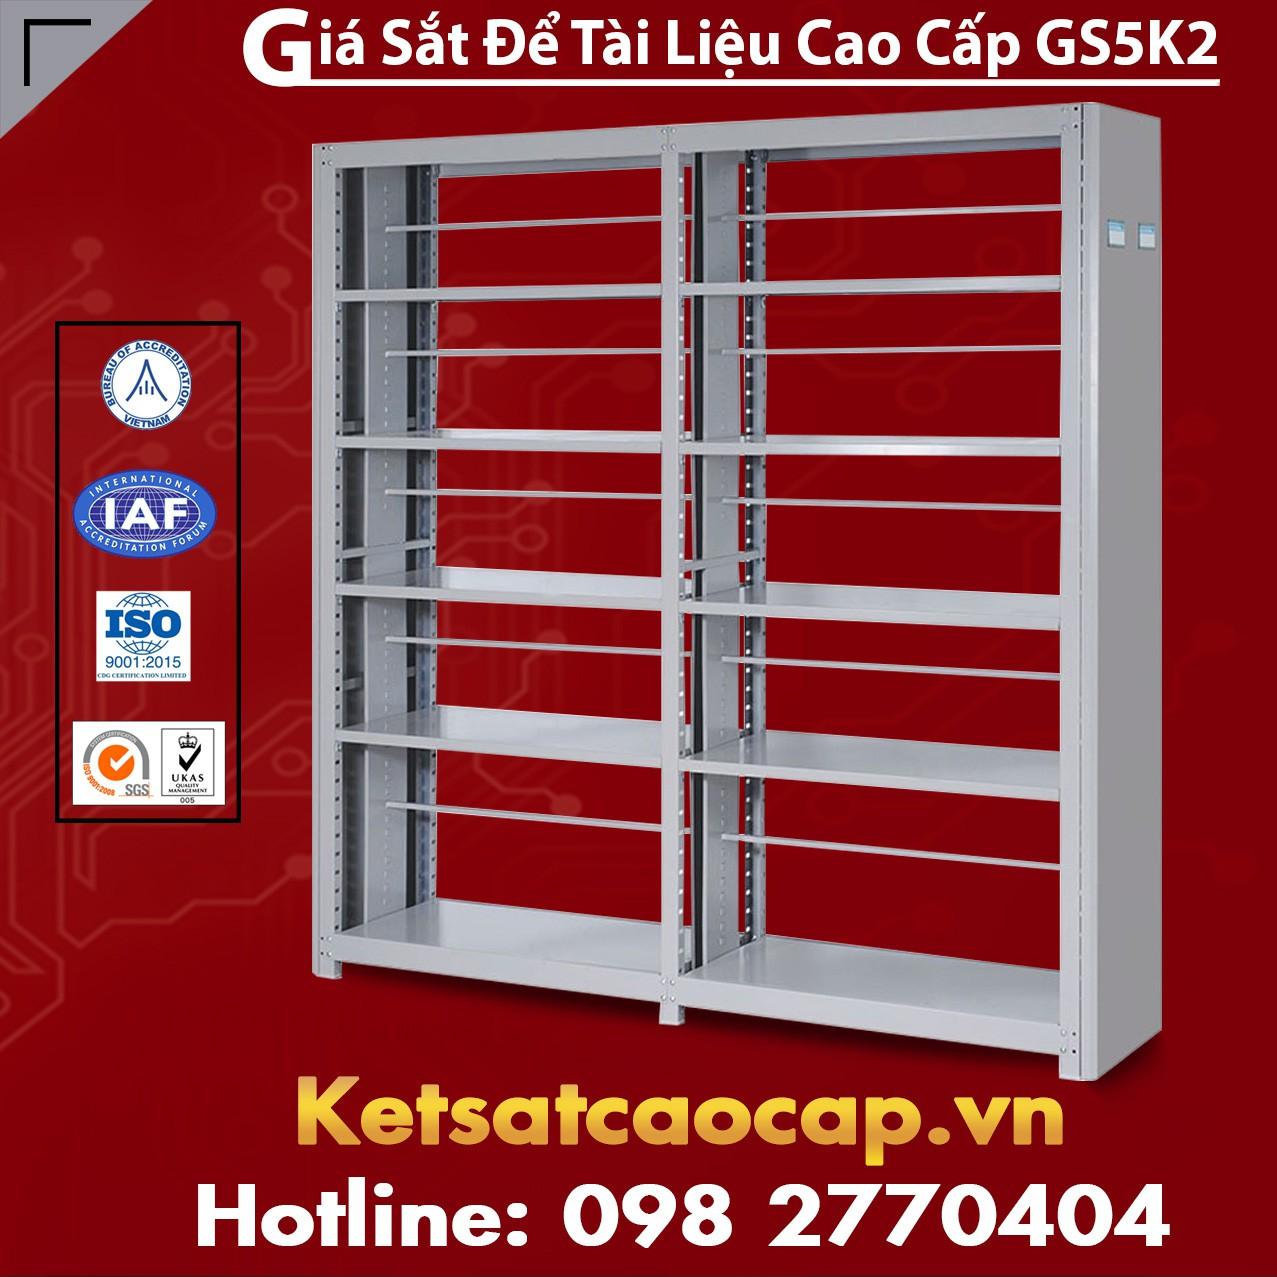 Giá Sắt GS5K2